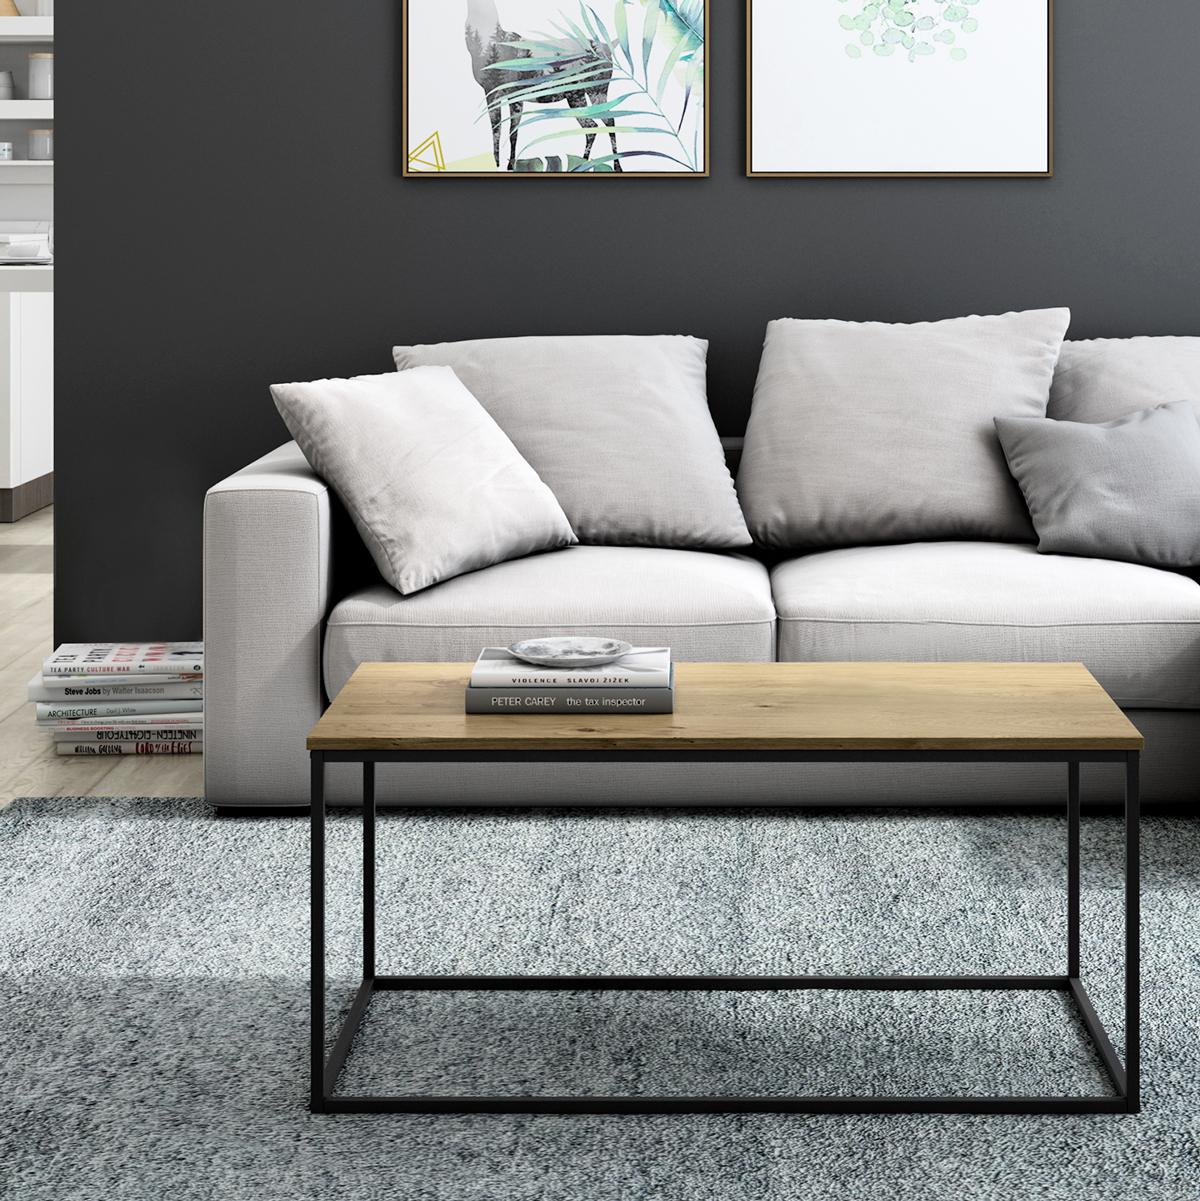 Mesa mara negra en un salón sencillo y minimalista.